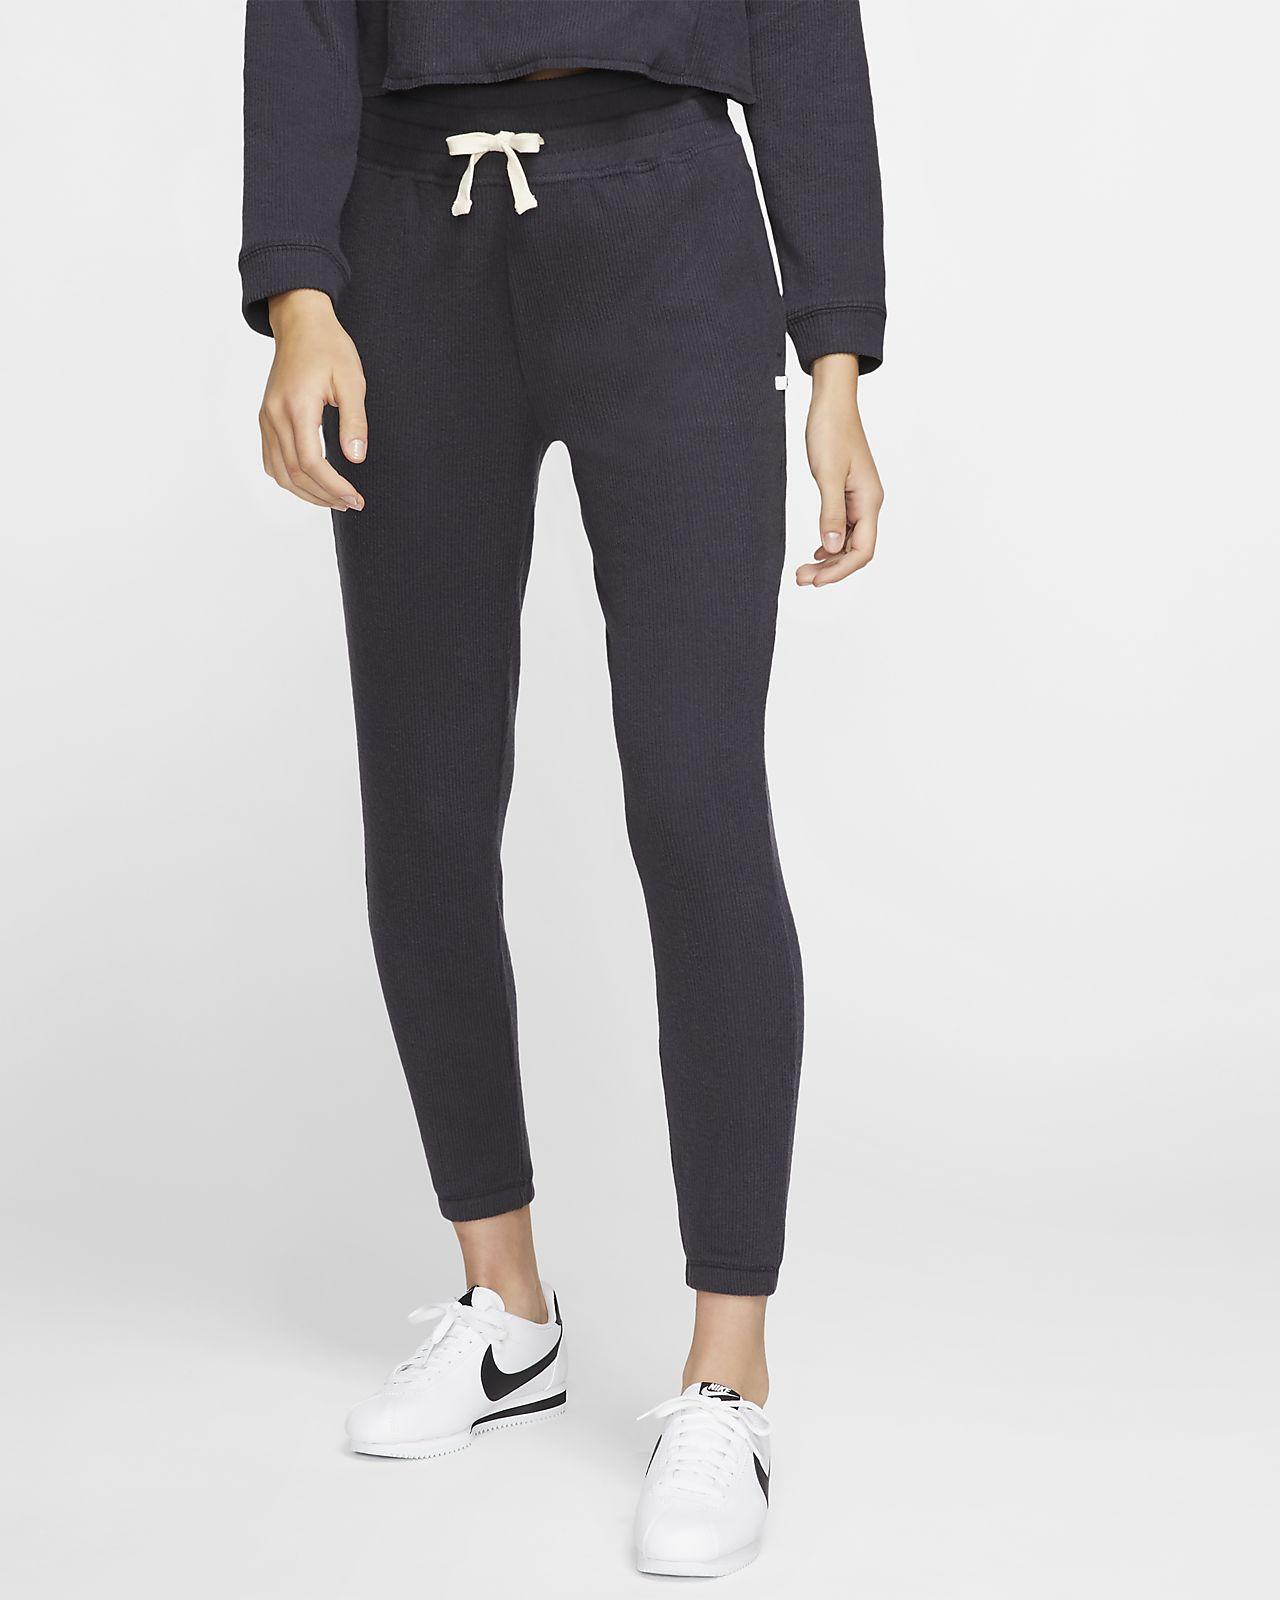 large discount great deals best value Pantalon de jogging en tissu Fleece Hurley Chill Rib pour Femme